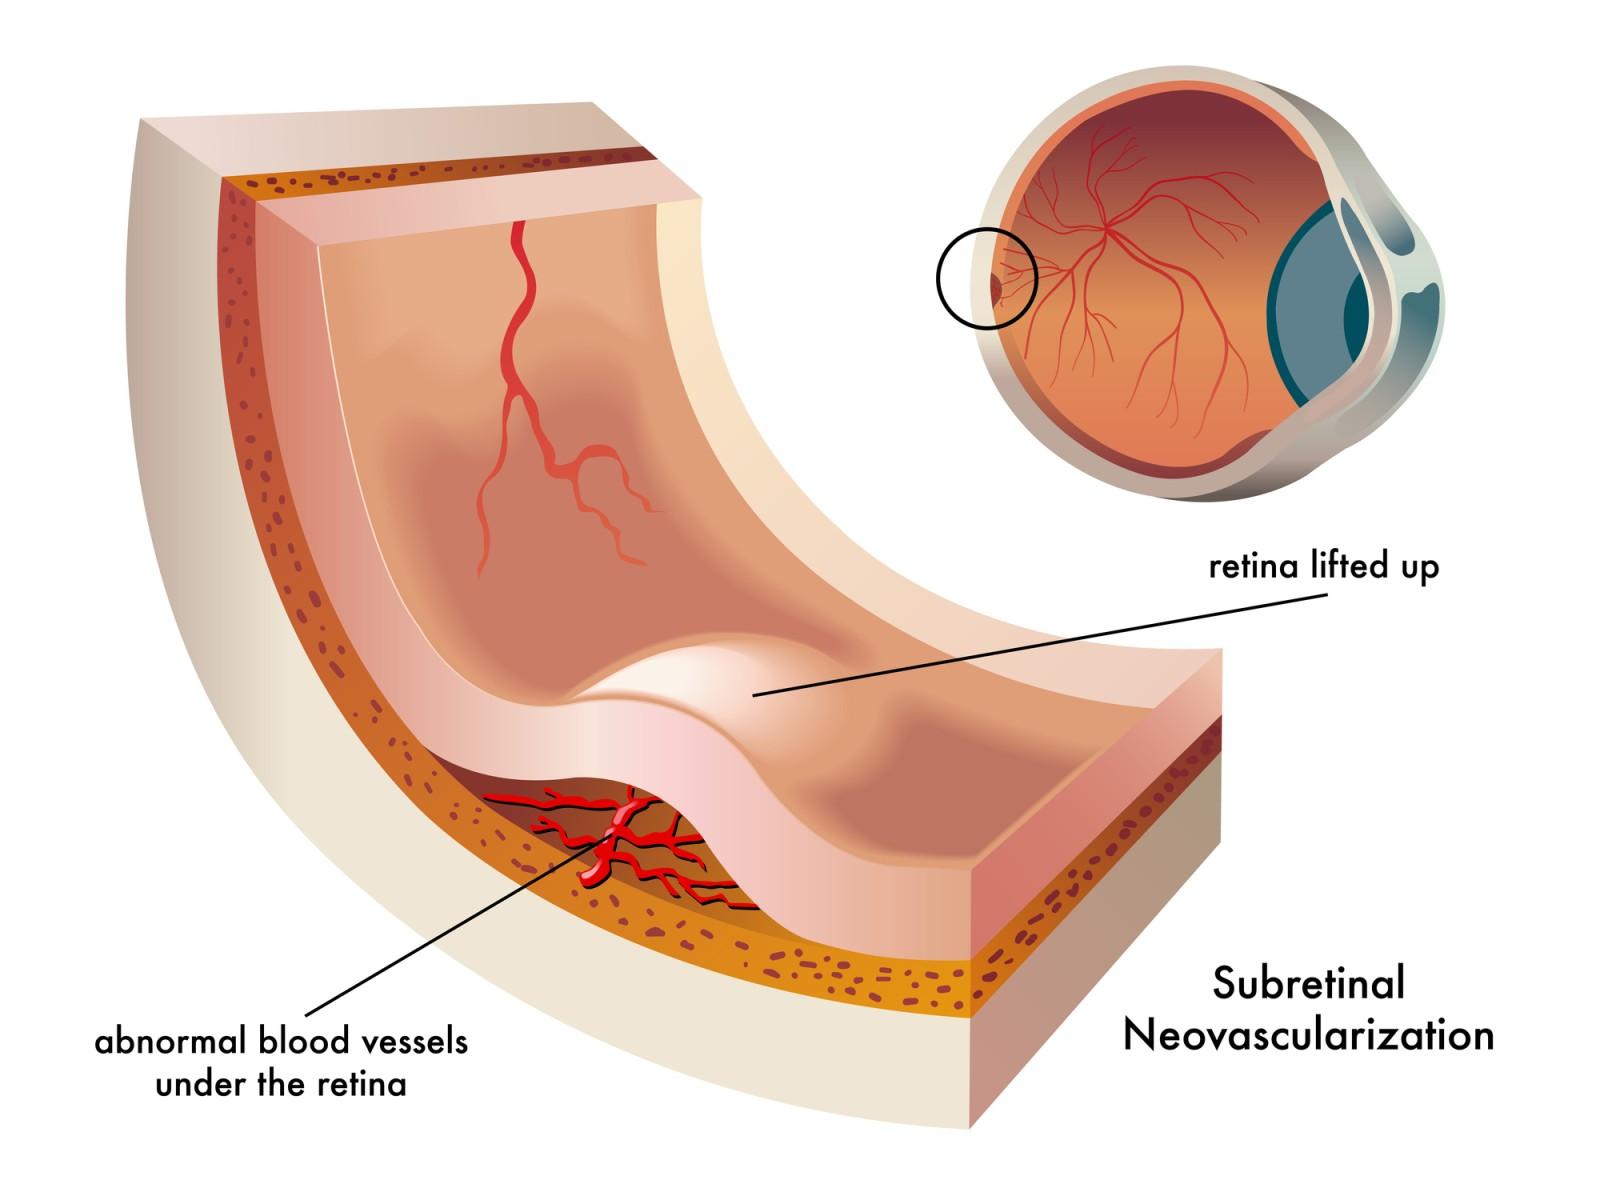 בצקת ברשתית העין